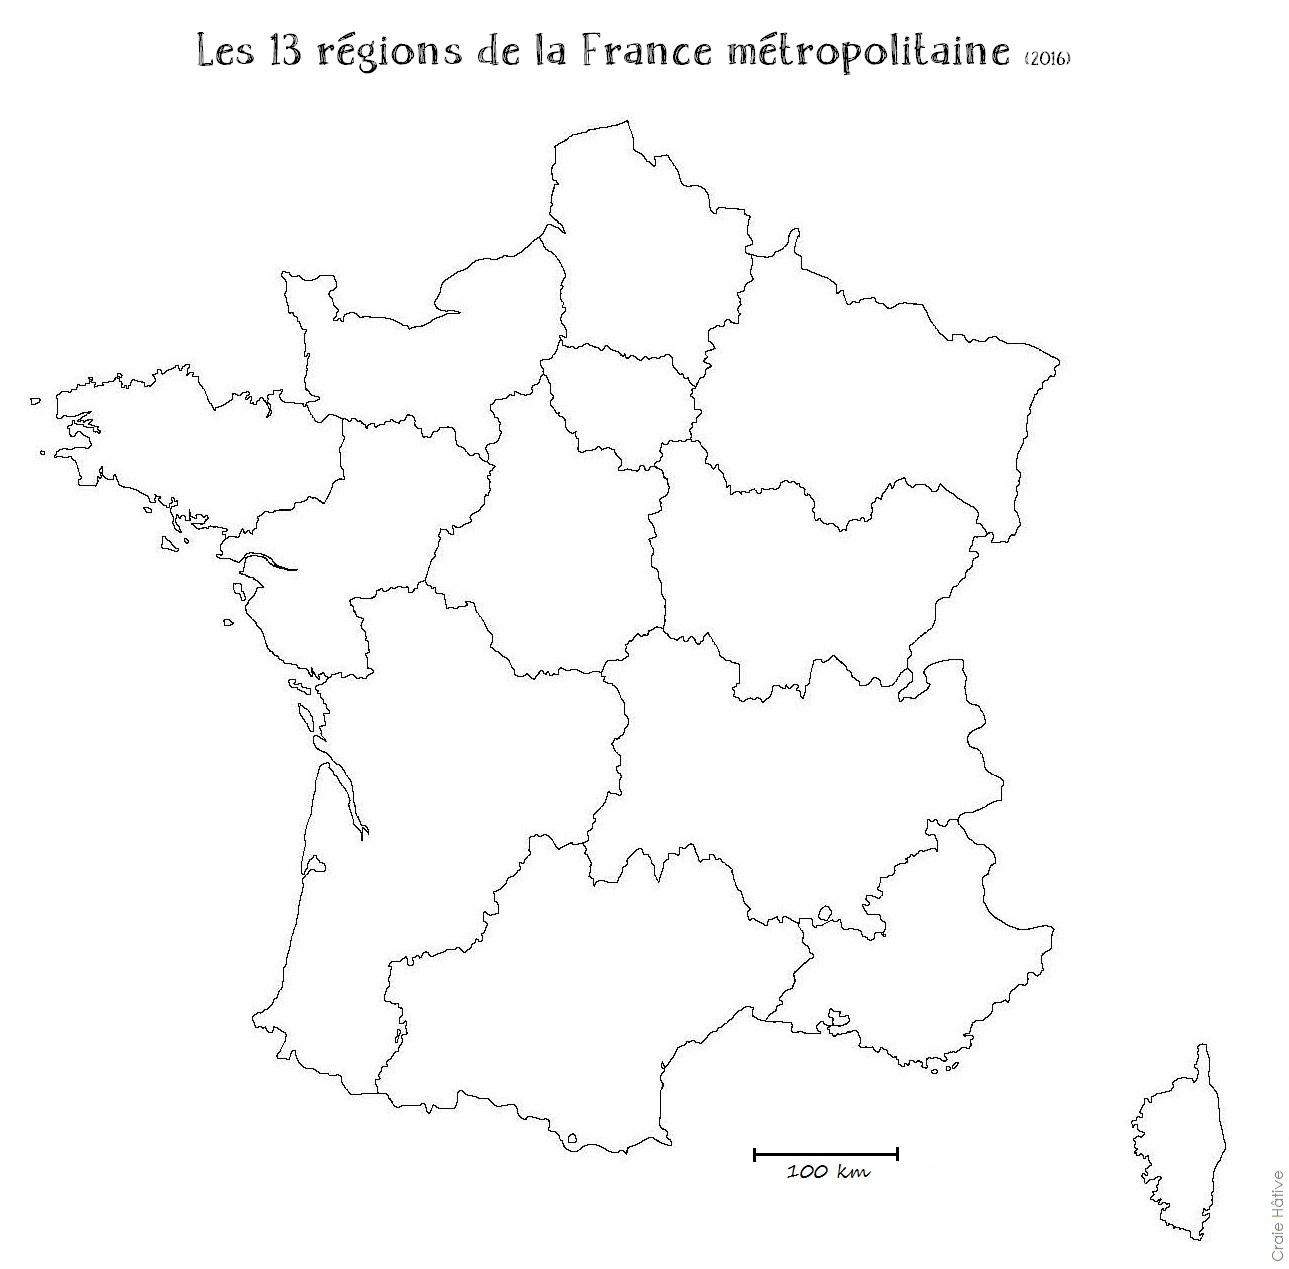 Ressources Numériques, Carte De France Vierge Nouvelles Régions pour Carte De France Vierge Nouvelles Régions